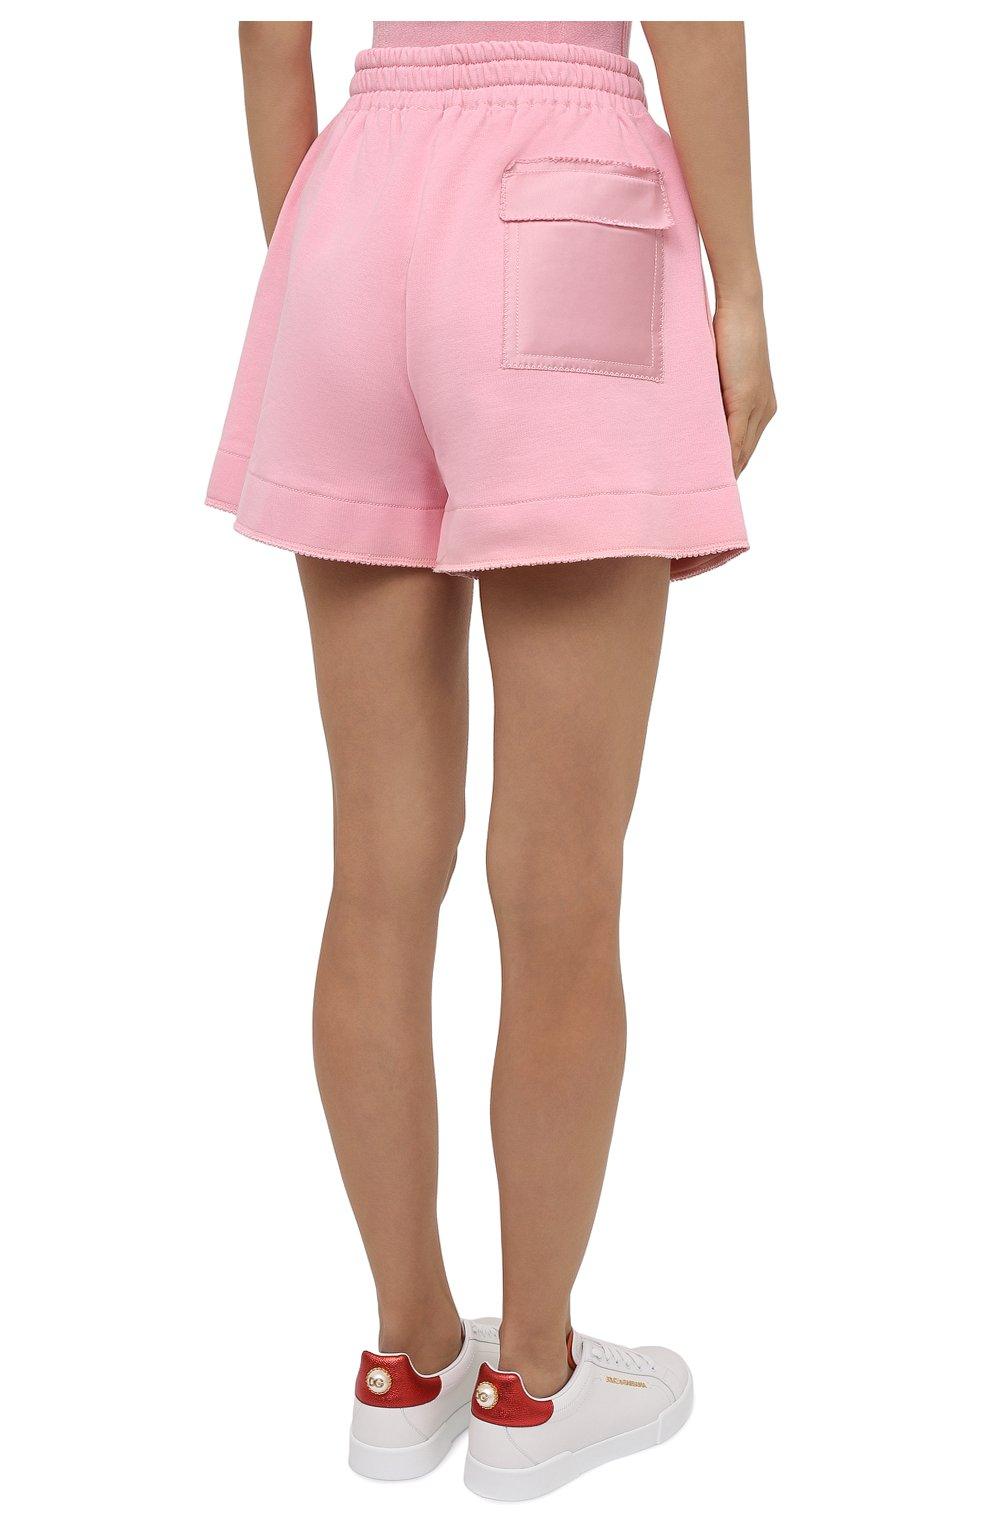 Женские хлопковые шорты AZ FACTORY светло-розового цвета, арт. SH0004/0C1 | Фото 4 (Женское Кросс-КТ: Шорты-одежда; Длина Ж (юбки, платья, шорты): Мини; Кросс-КТ: Трикотаж; Материал внешний: Хлопок; Стили: Спорт-шик)